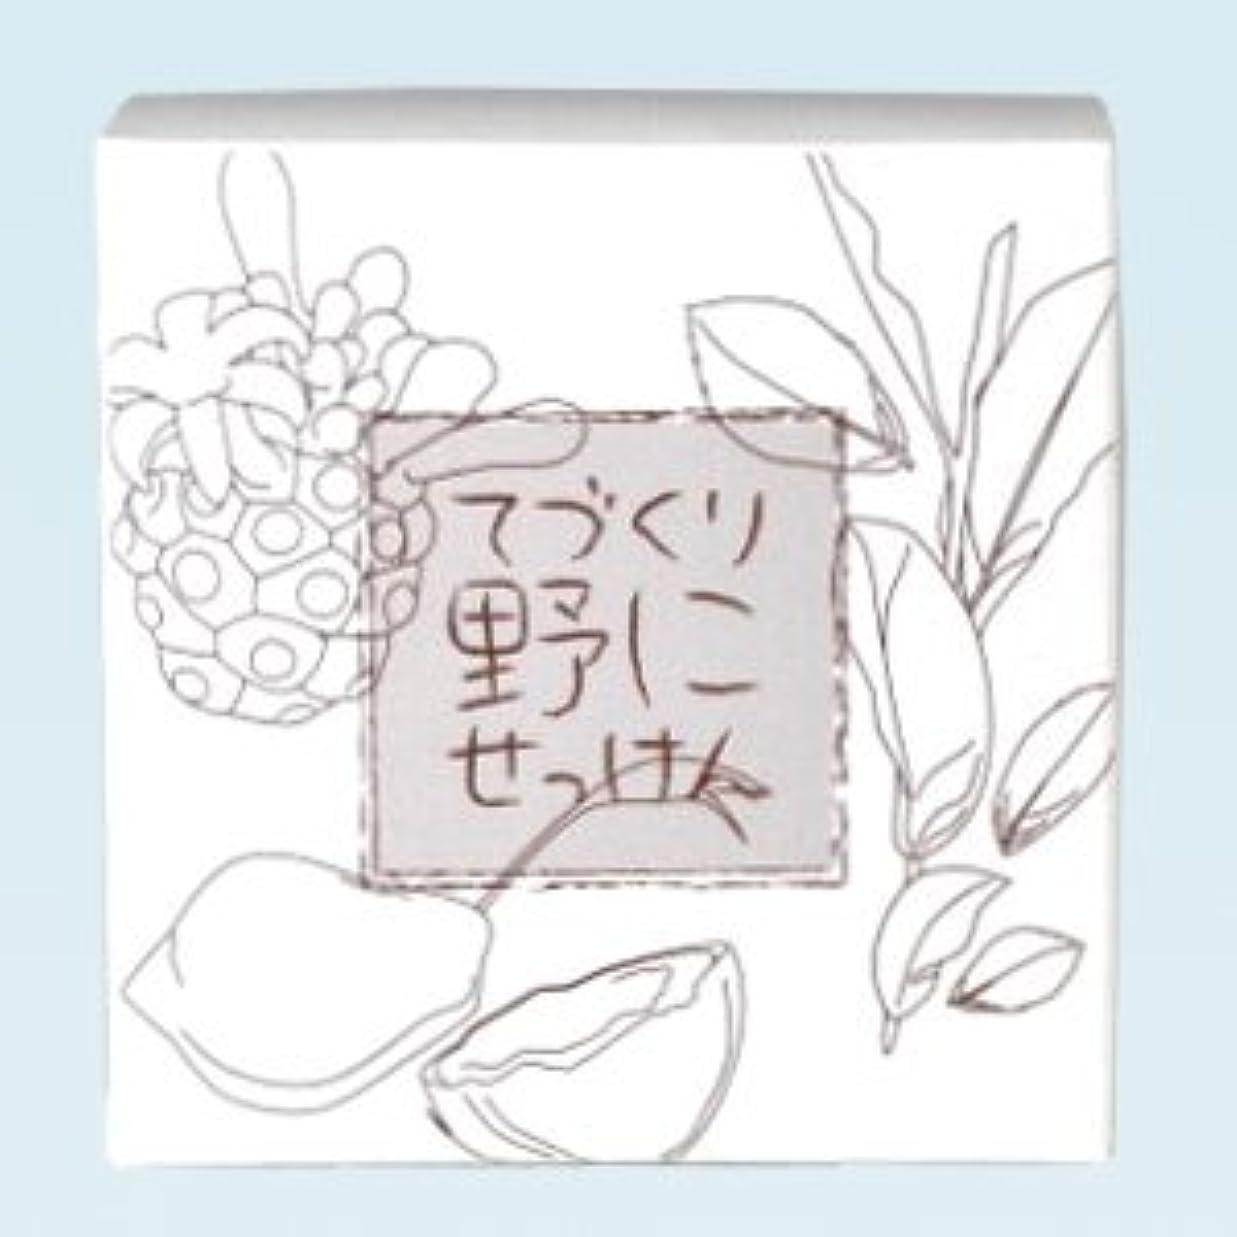 バター委任する呼吸緑茶ノニ石鹸 てづくり野にせっけん(115g)